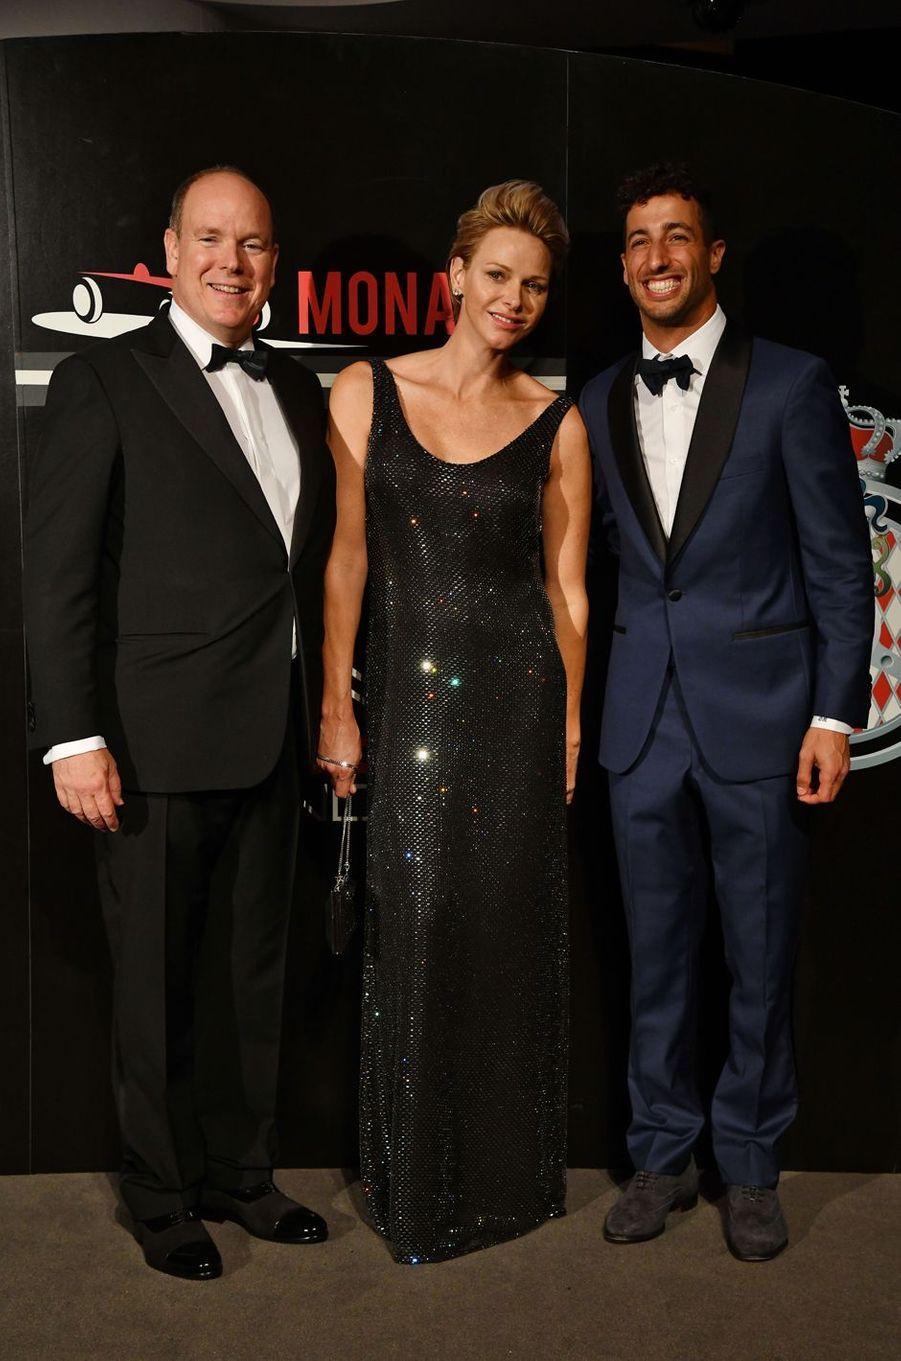 La princesse Charlène et le prince Albert II de Monaco avec Daniel Ricciardo à Monaco, le 27 mai 2018